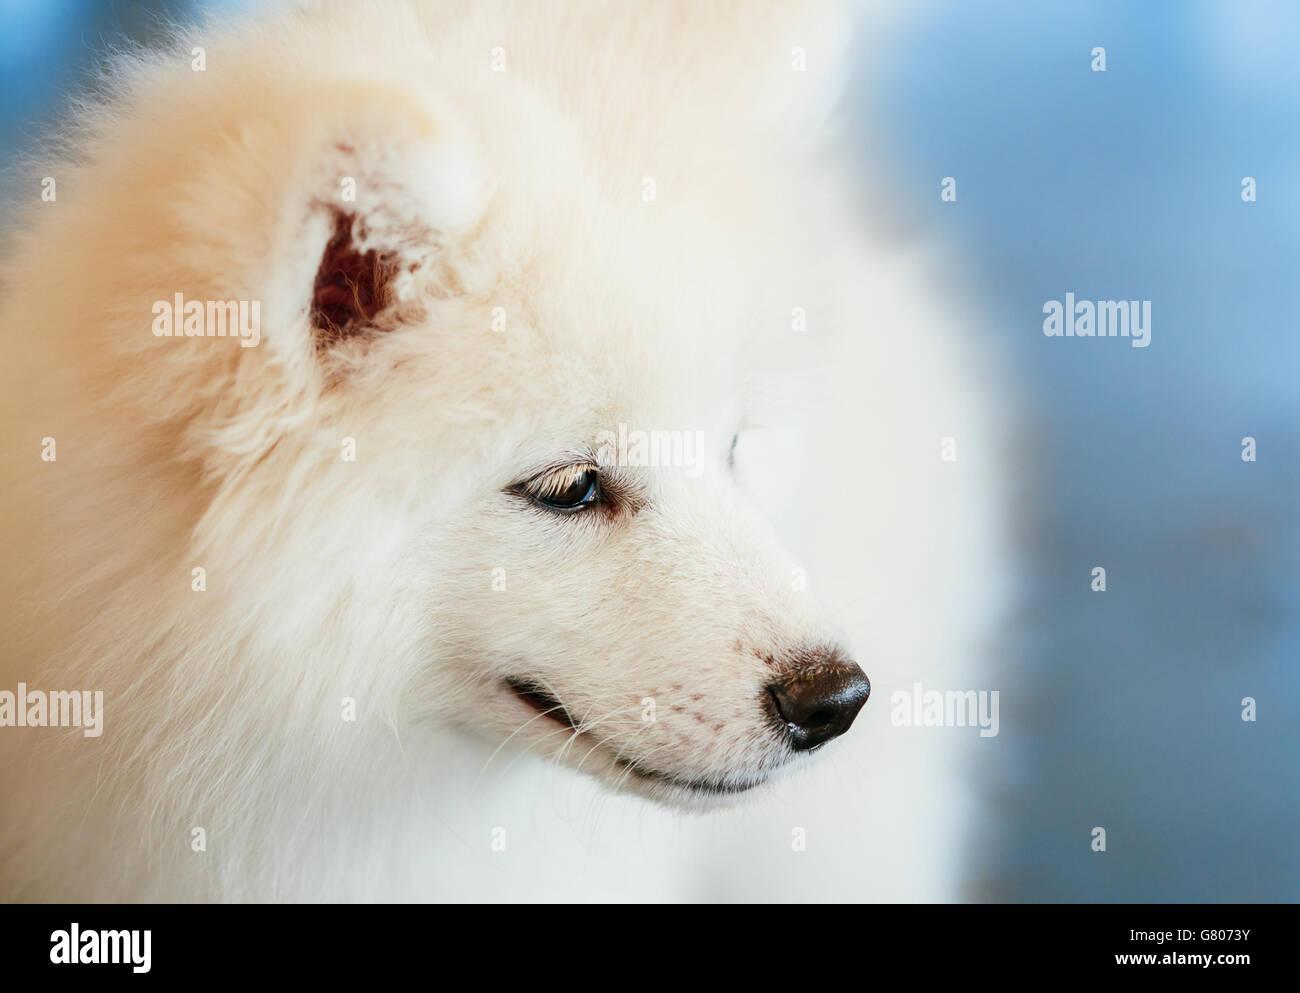 White Samoyed Dog Puppy Whelp Close Up - Stock Image